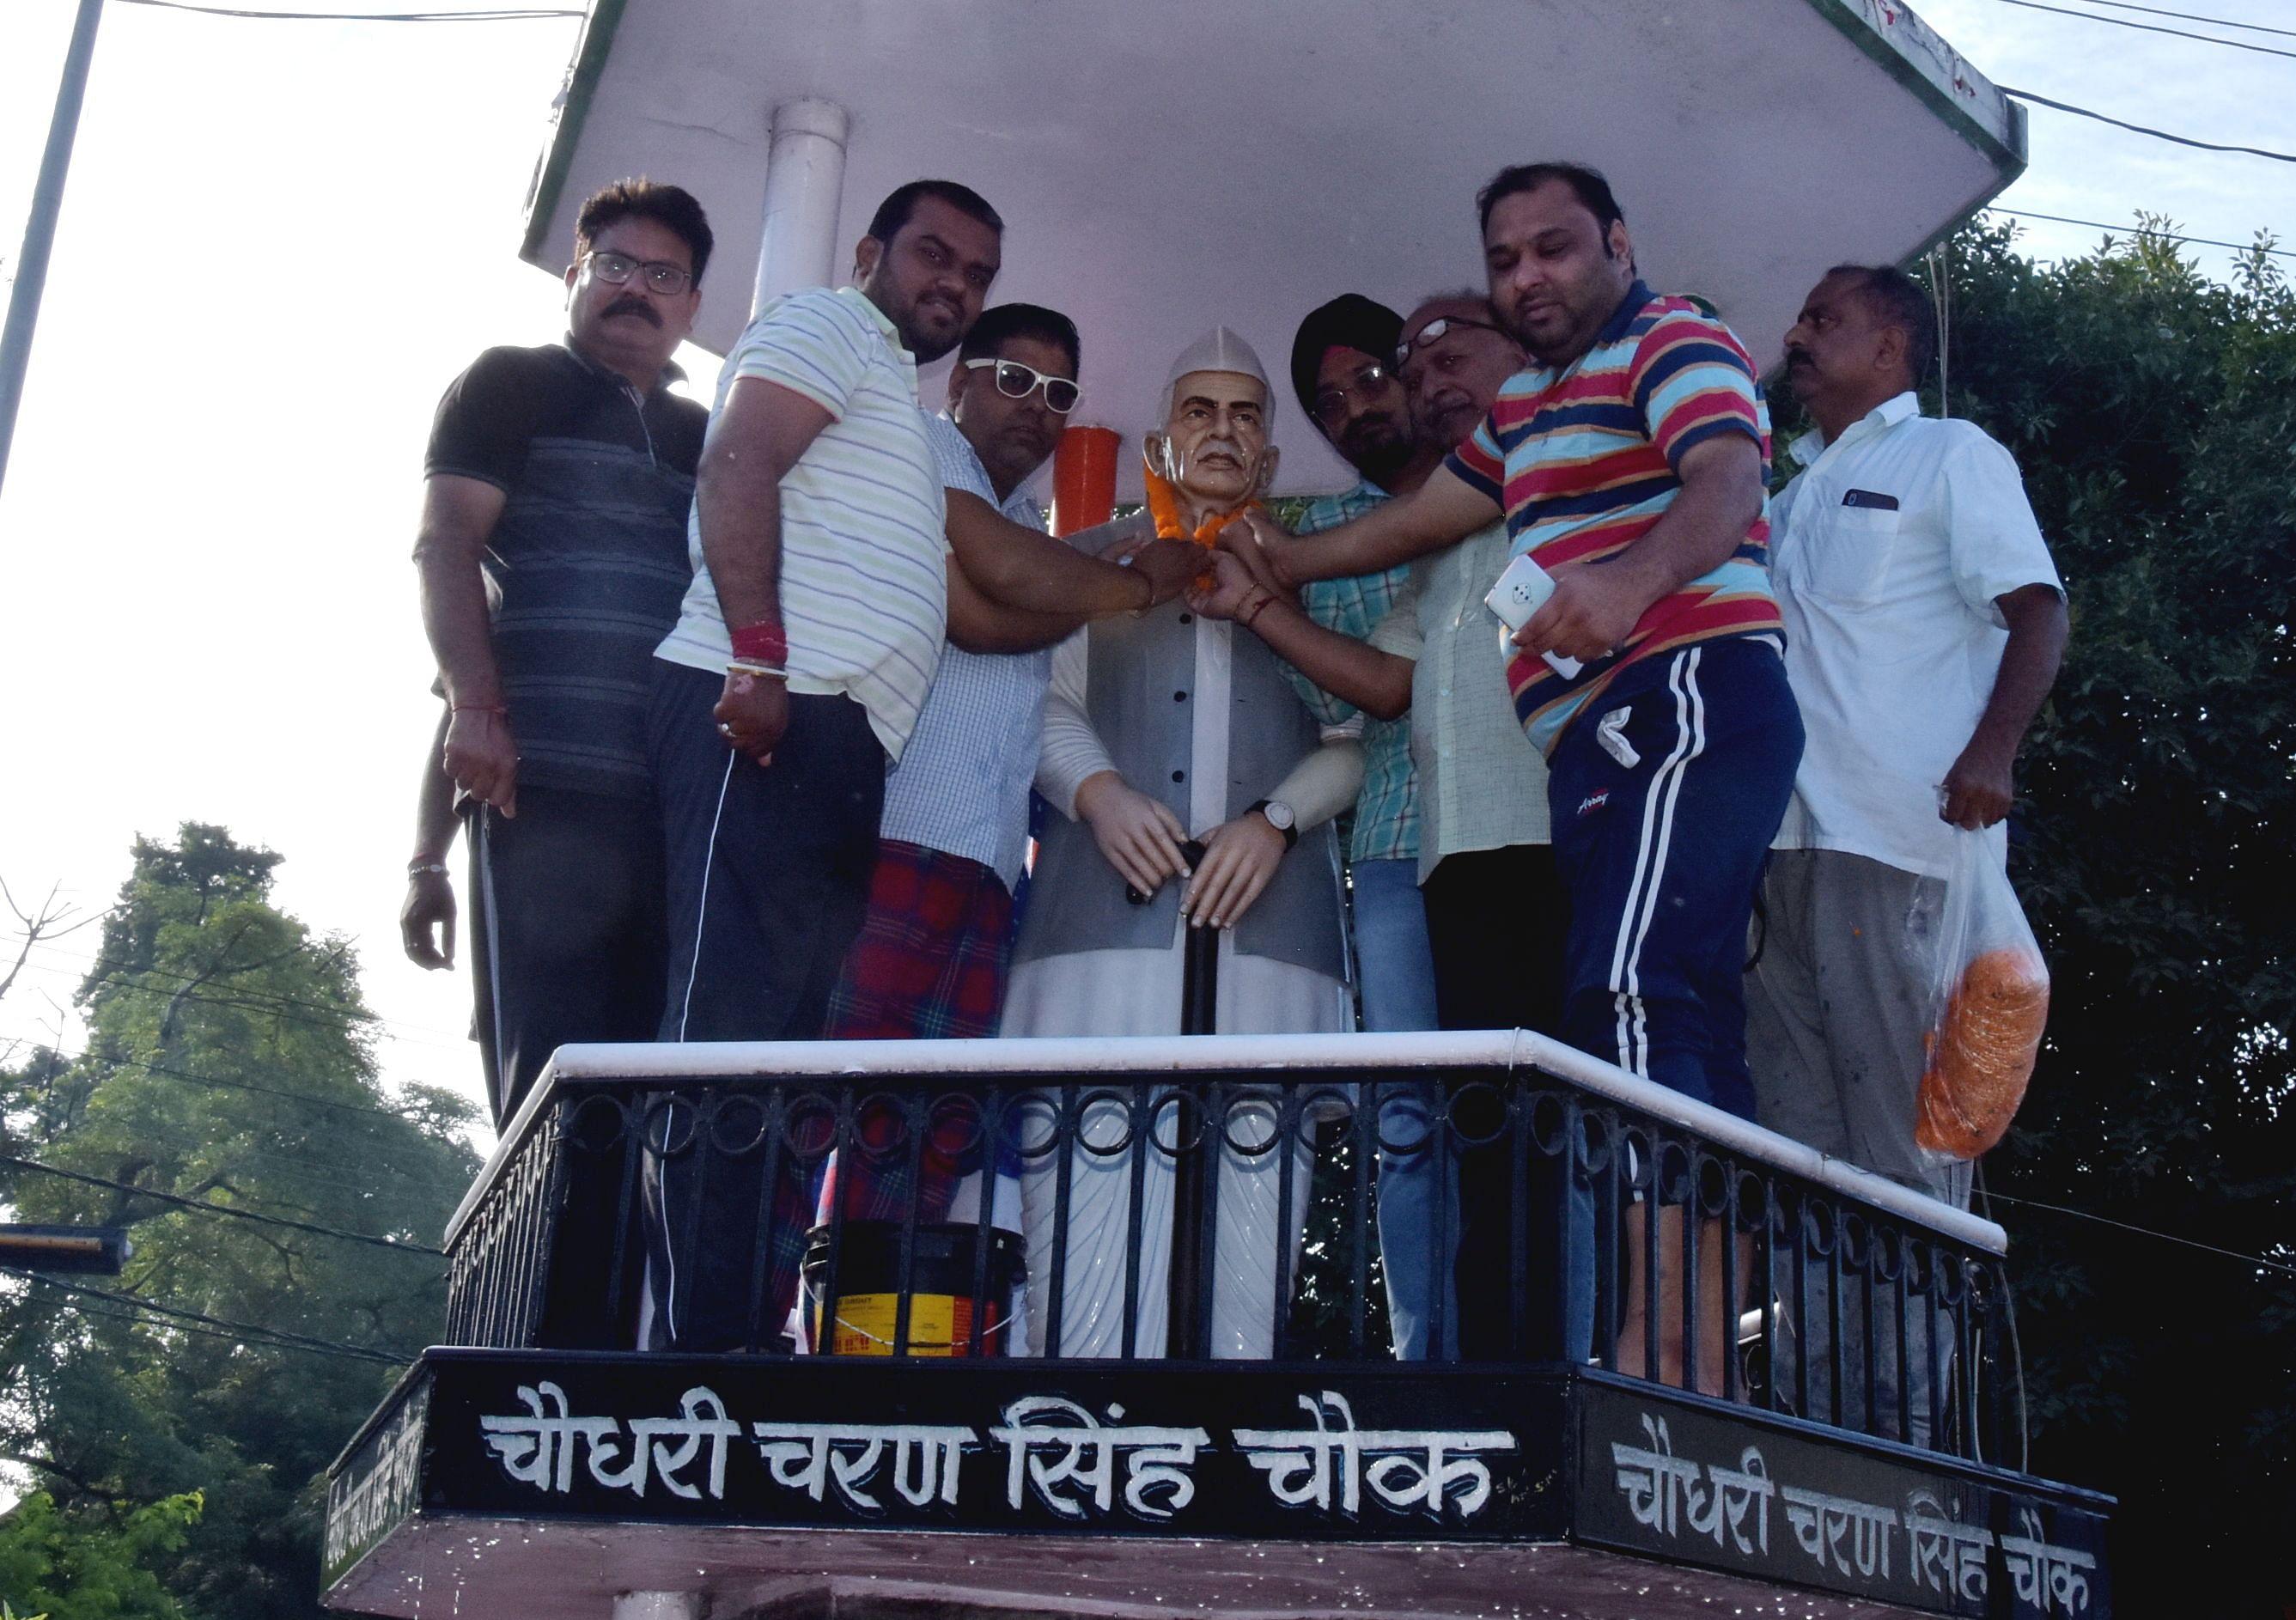 पंडित दीनदयाल उपाध्याय की जंयती पर चौधरी चरण सिंह की प्रतिमा पर माल्यअर्पित करते भाजपाई